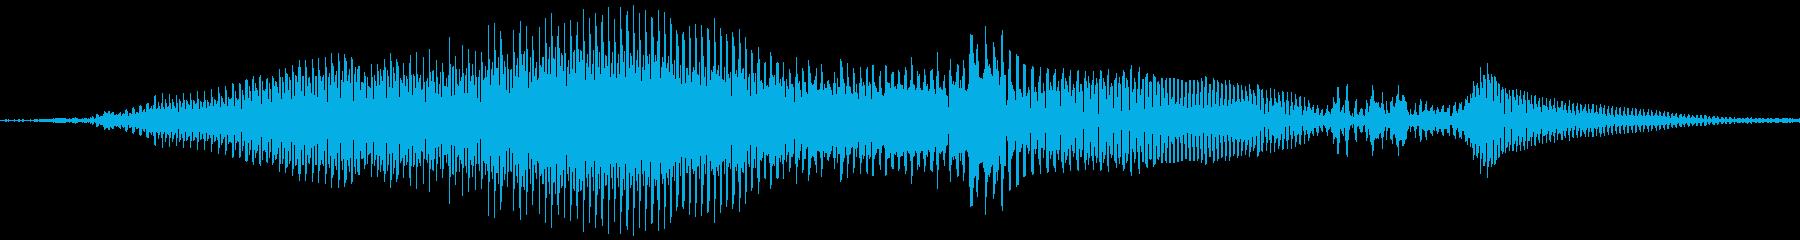 死の叫び1; 10男性の悲鳴、さまざまなの再生済みの波形